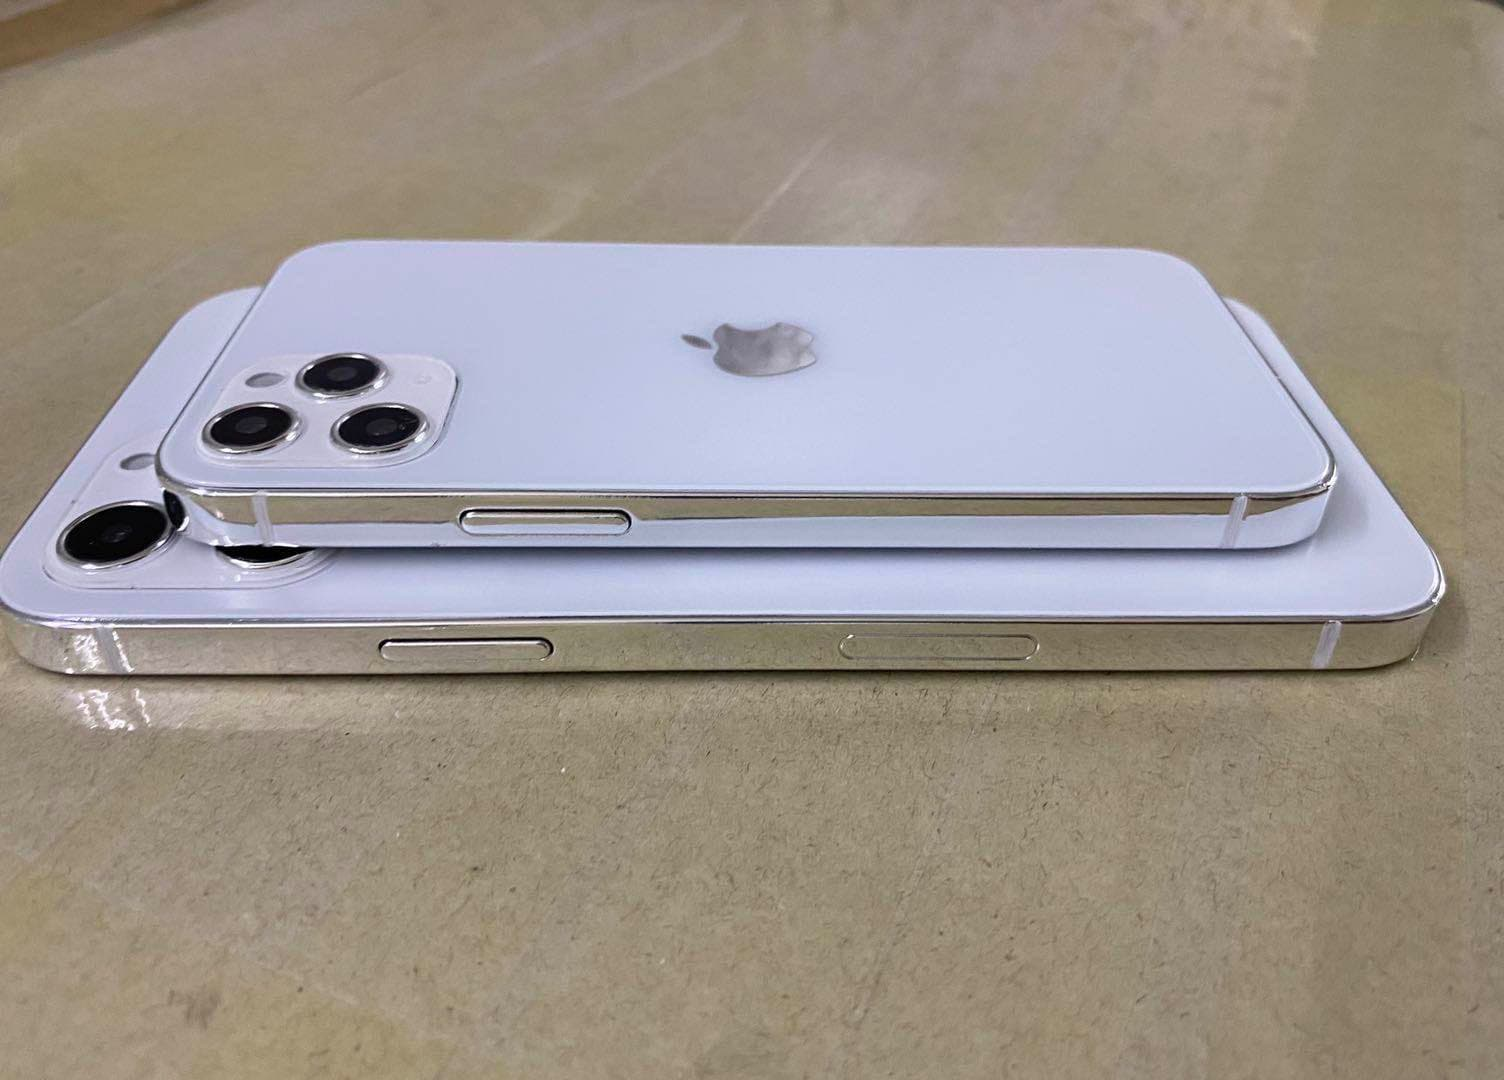 首款 iPhone 12 實體模型機曝光,外觀如同縮小版 iPad Pro